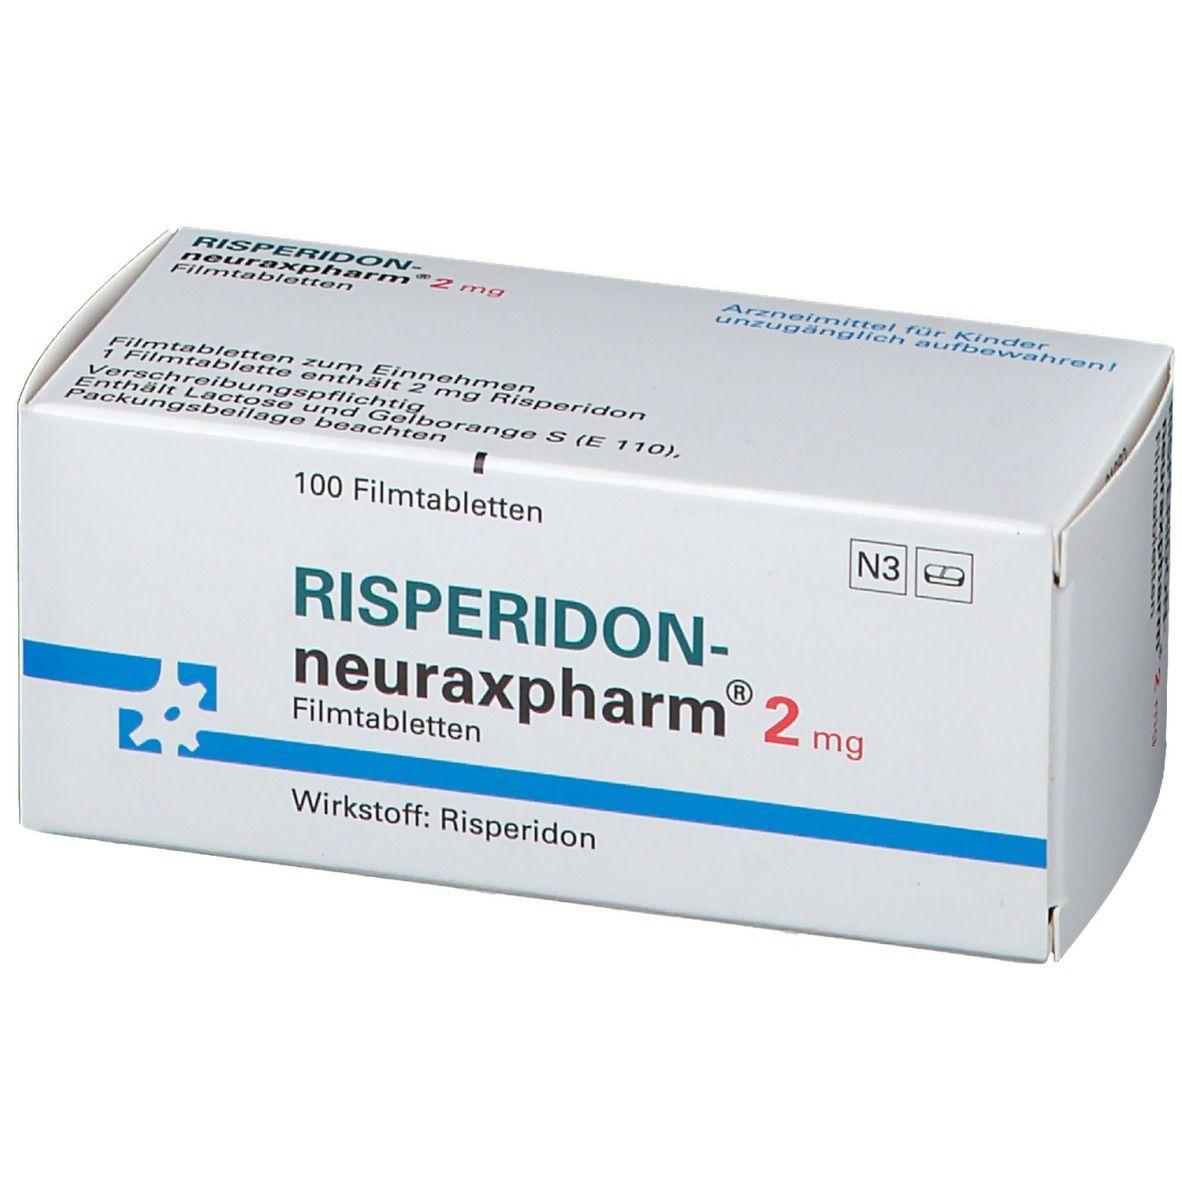 RISPERIDON neuraxpharm 2 mg Filmtabletten